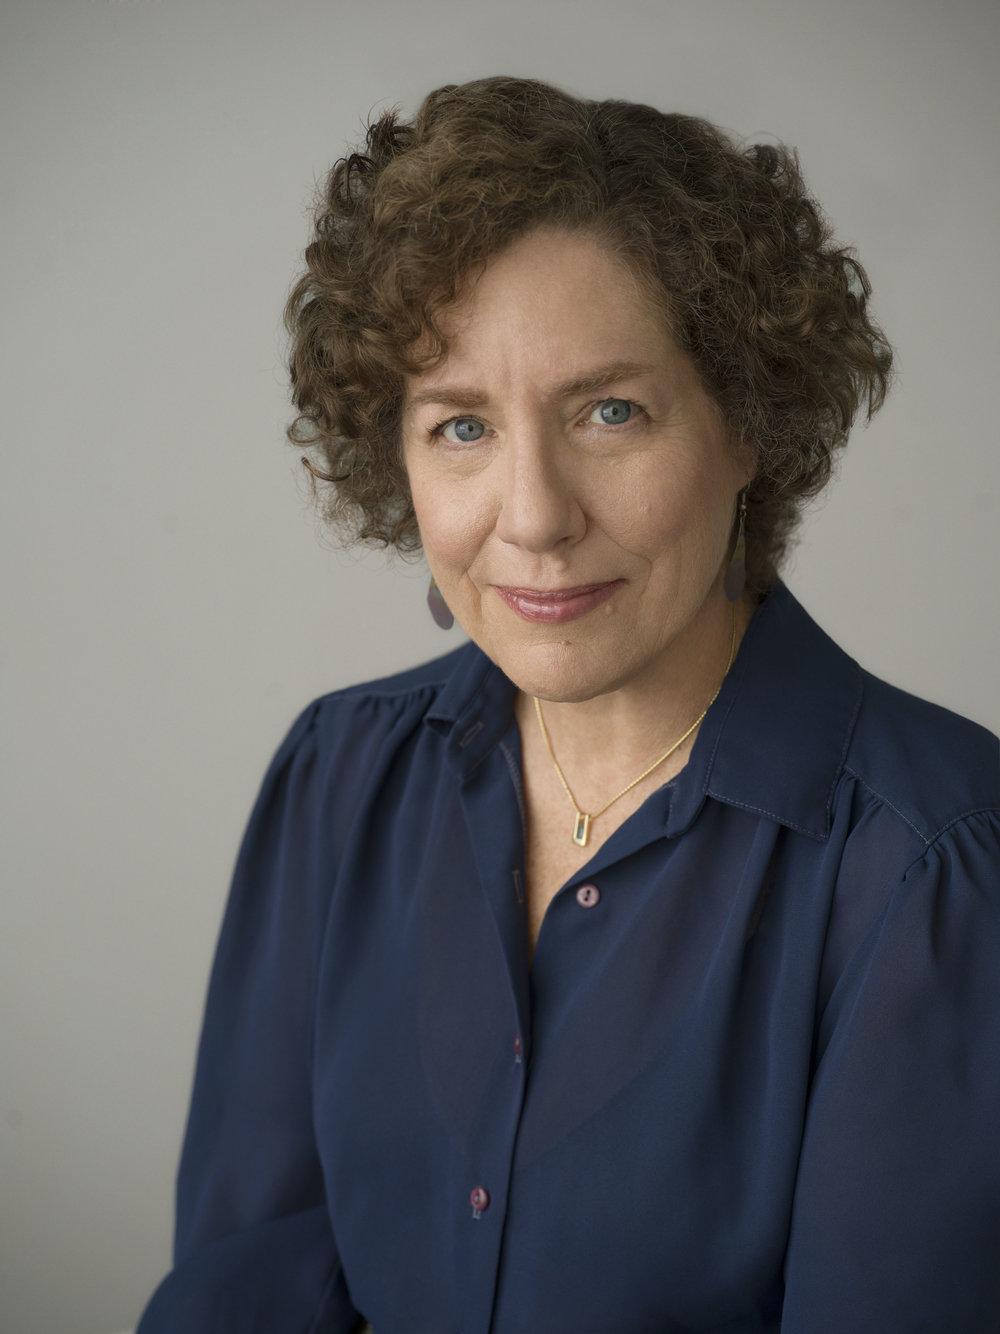 Elaine Weiss (credit: Nina Subin)